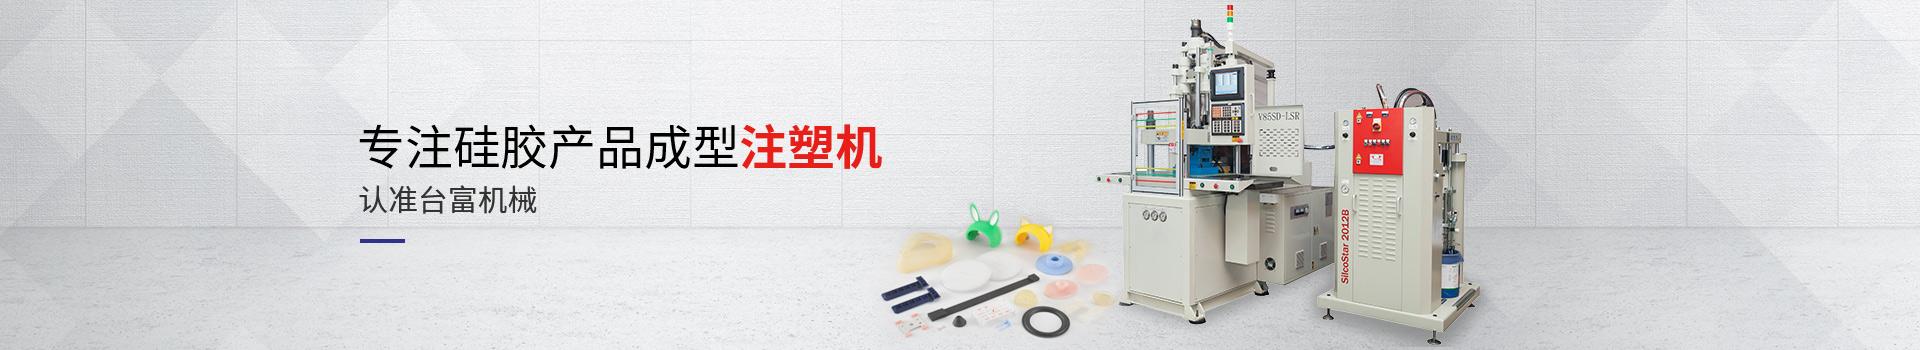 台富机械专注硅胶产品成型注塑机